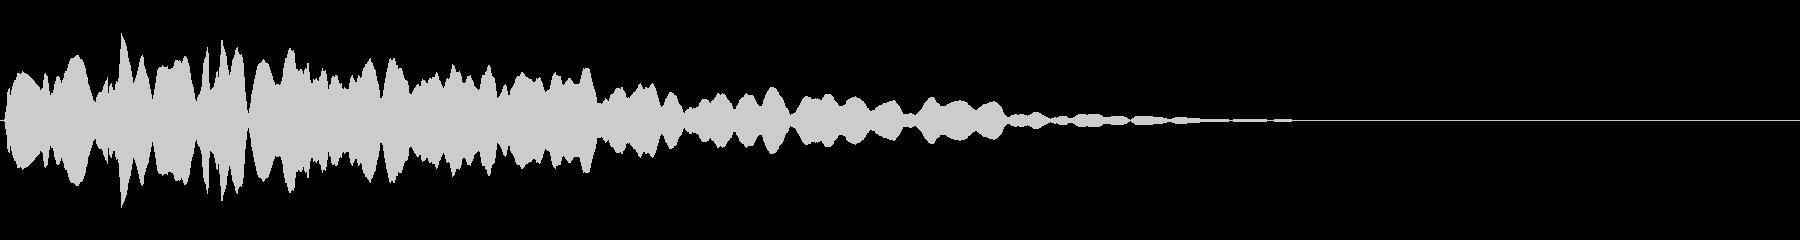 ポン:ドキュメンタル風不思議に思う音の未再生の波形